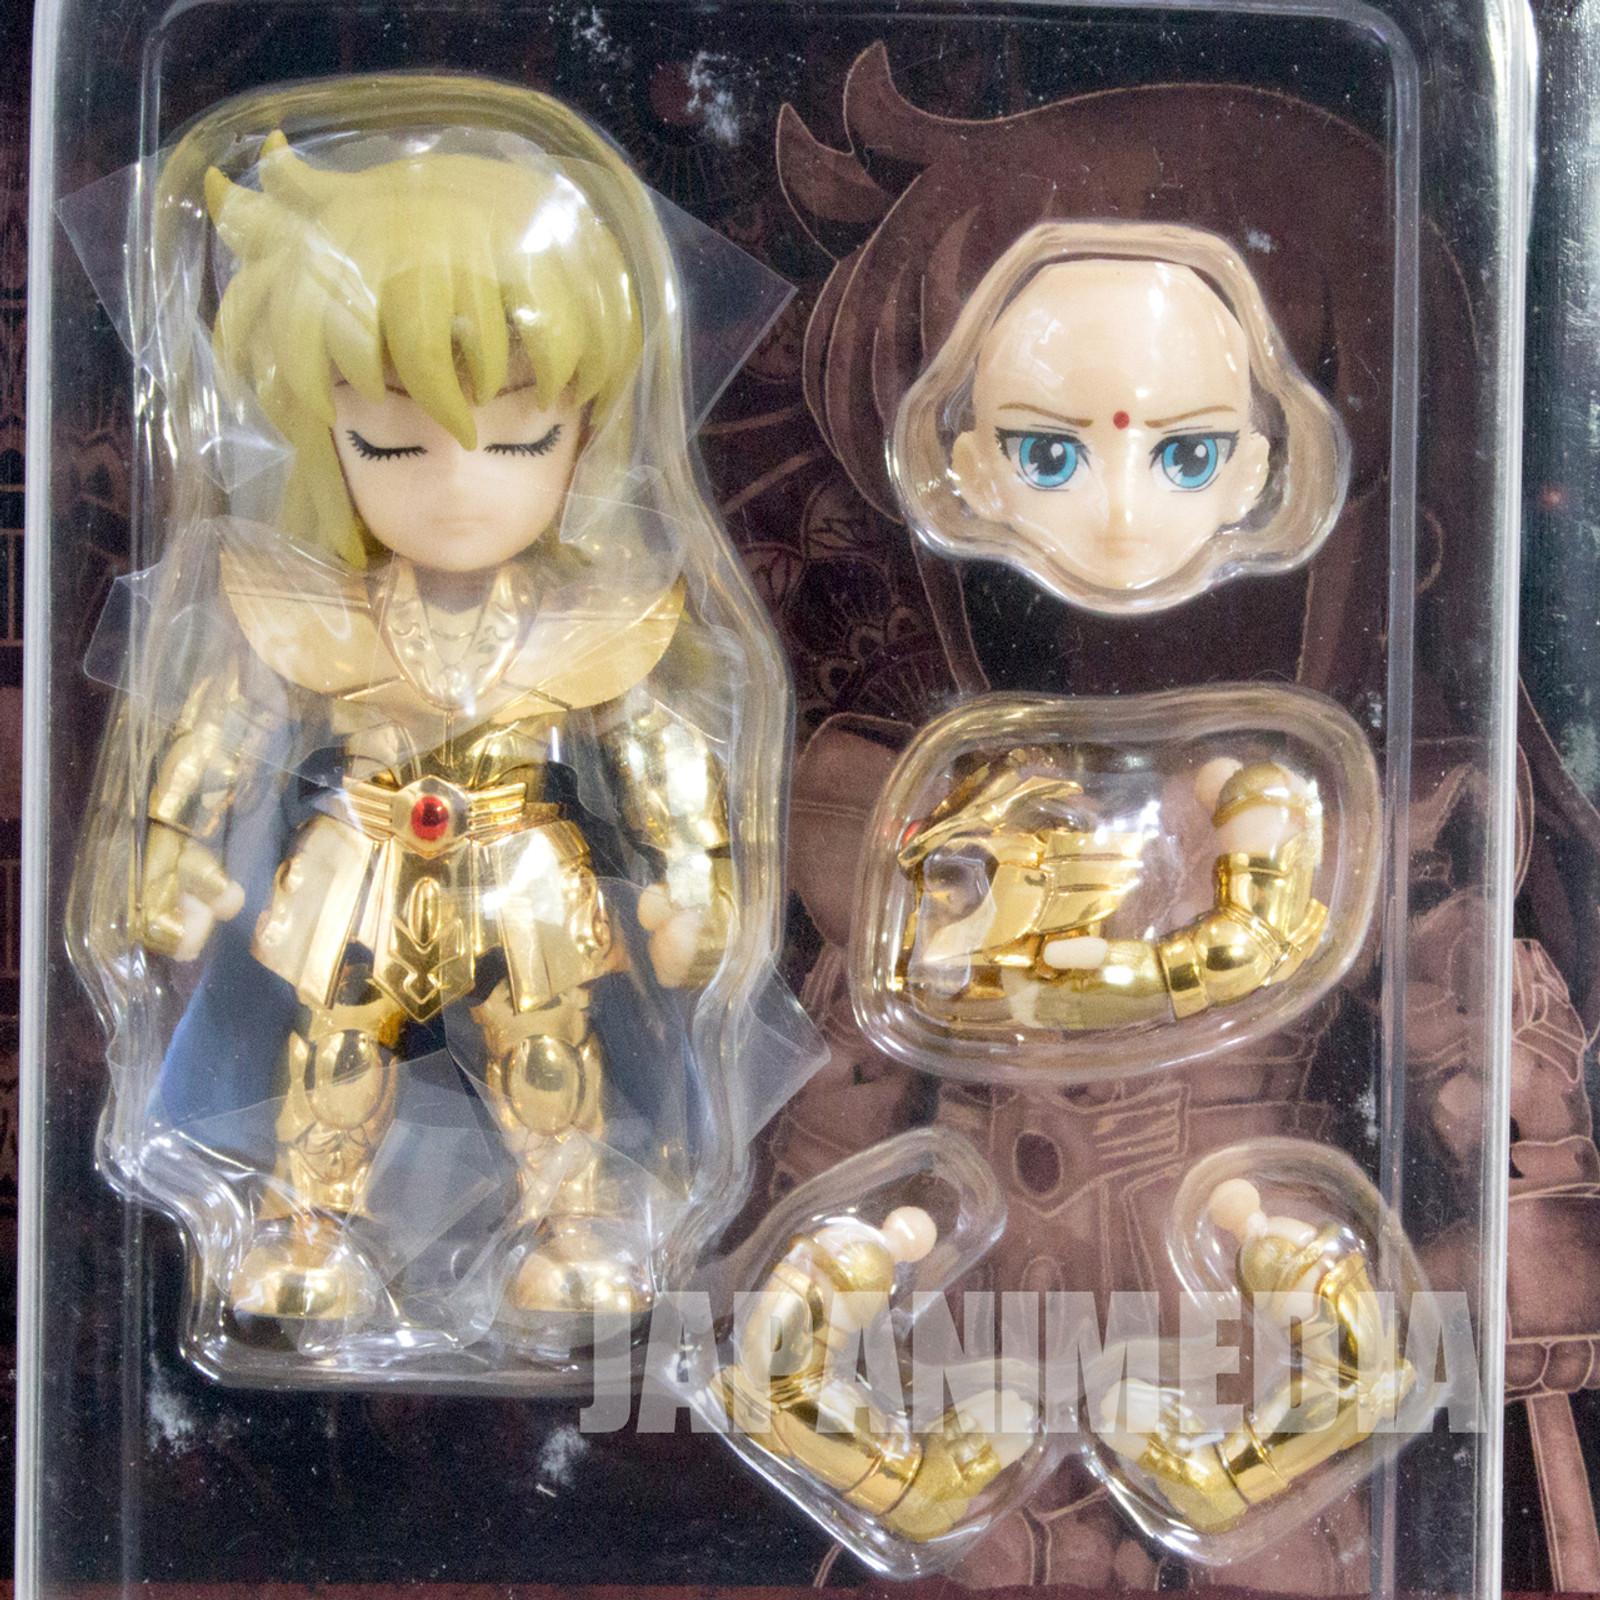 Saint Seiya Collection Virgo Shaka Figure BANDAI JAPAN ANIME MANGA